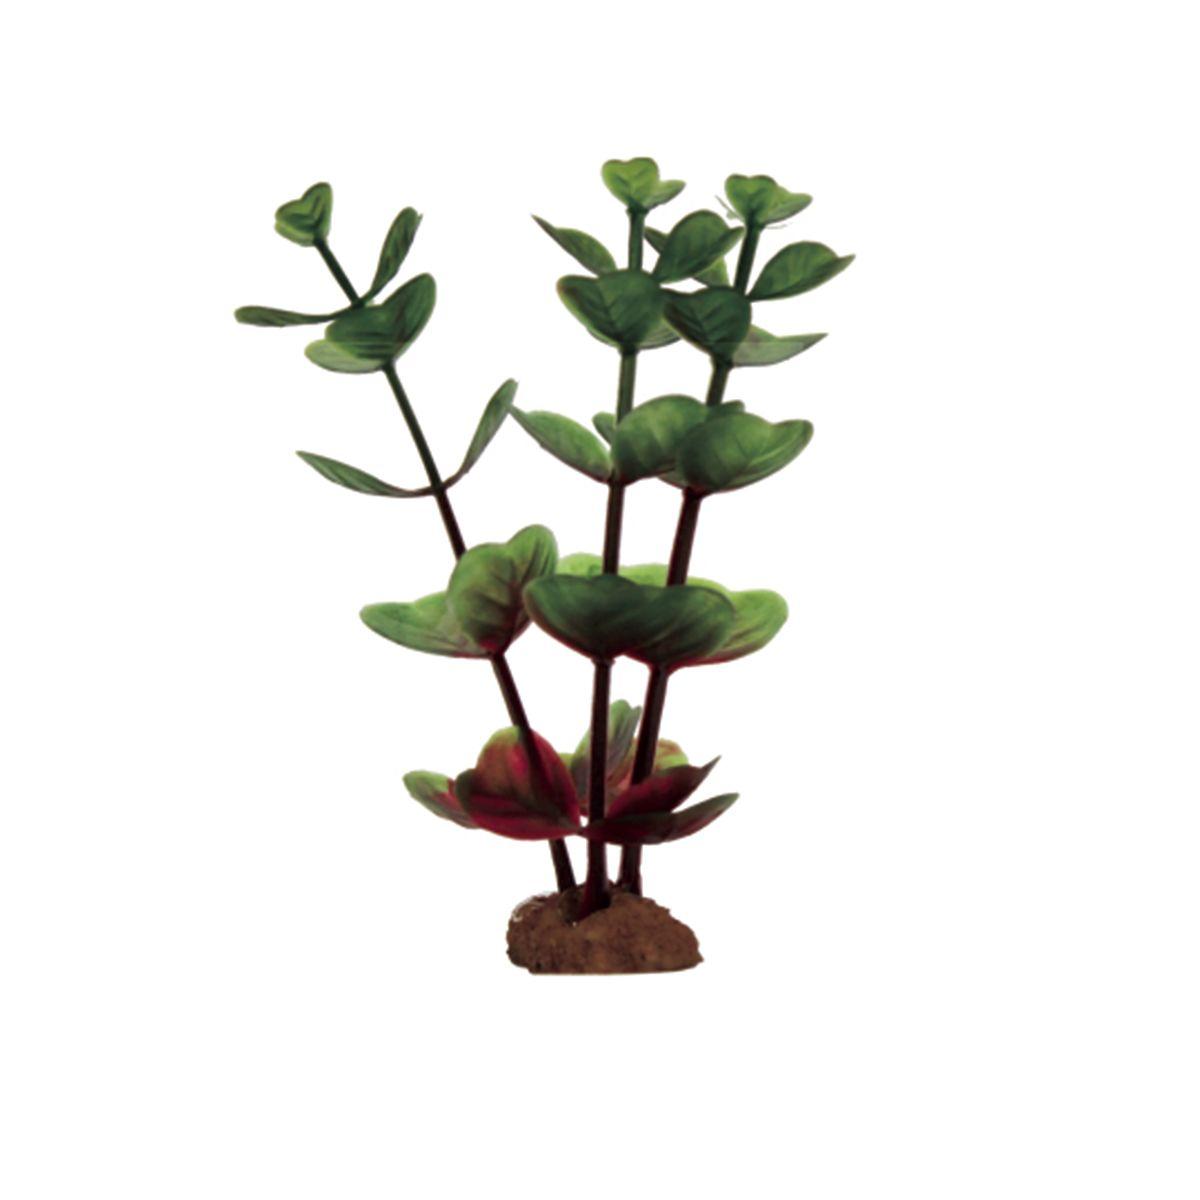 Растение для аквариума ArtUniq Бакопа крано-зеленая, высота 10 см, 6 шт0120710Растение для аквариума ArtUniq Бакопа крано-зеленая, высота 10 см, 6 шт